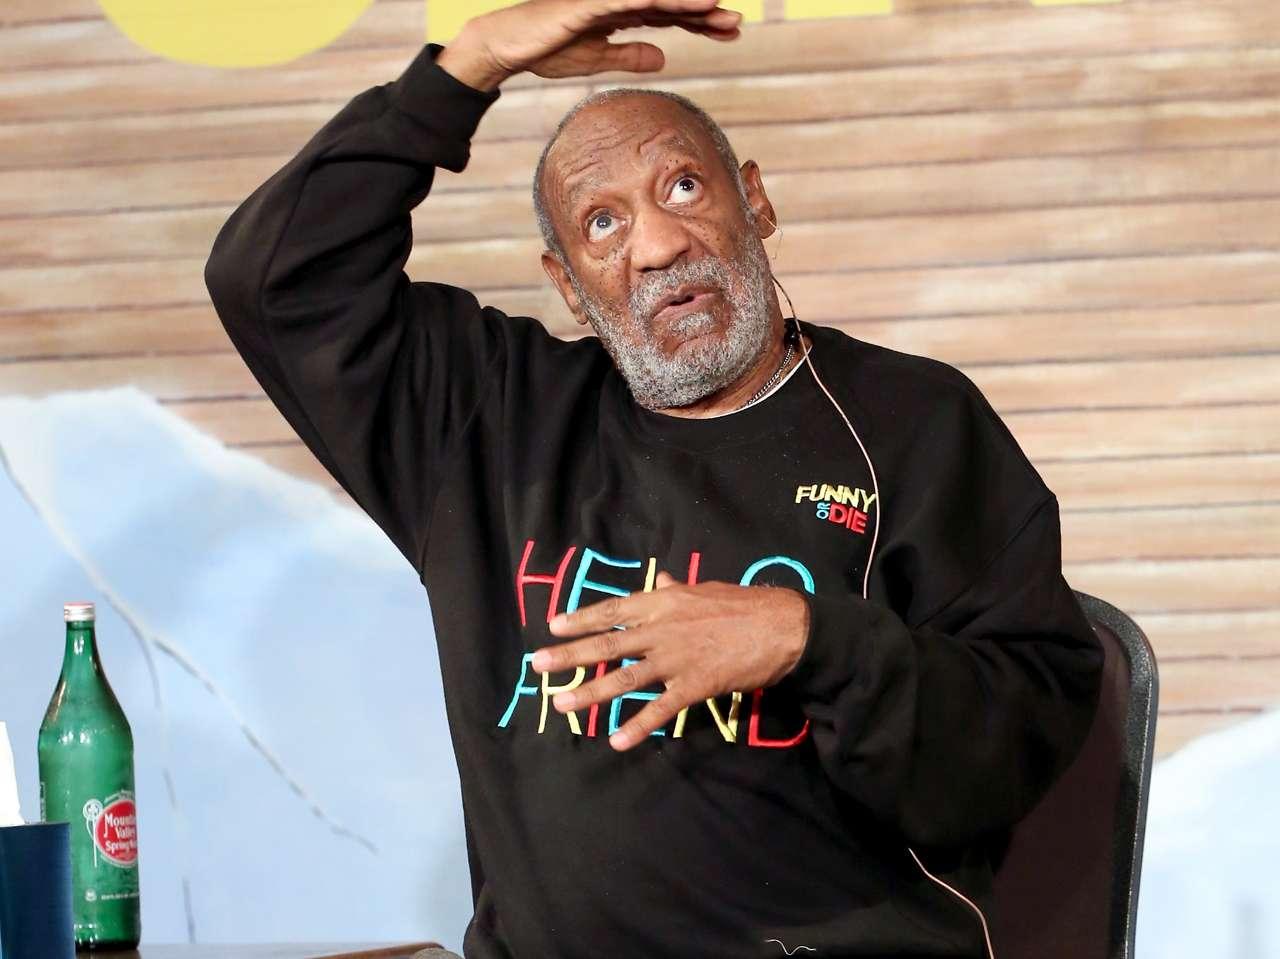 Bill Cosby ha sido acusado de abuso sexual a varias mujeres. Foto: Getty Images